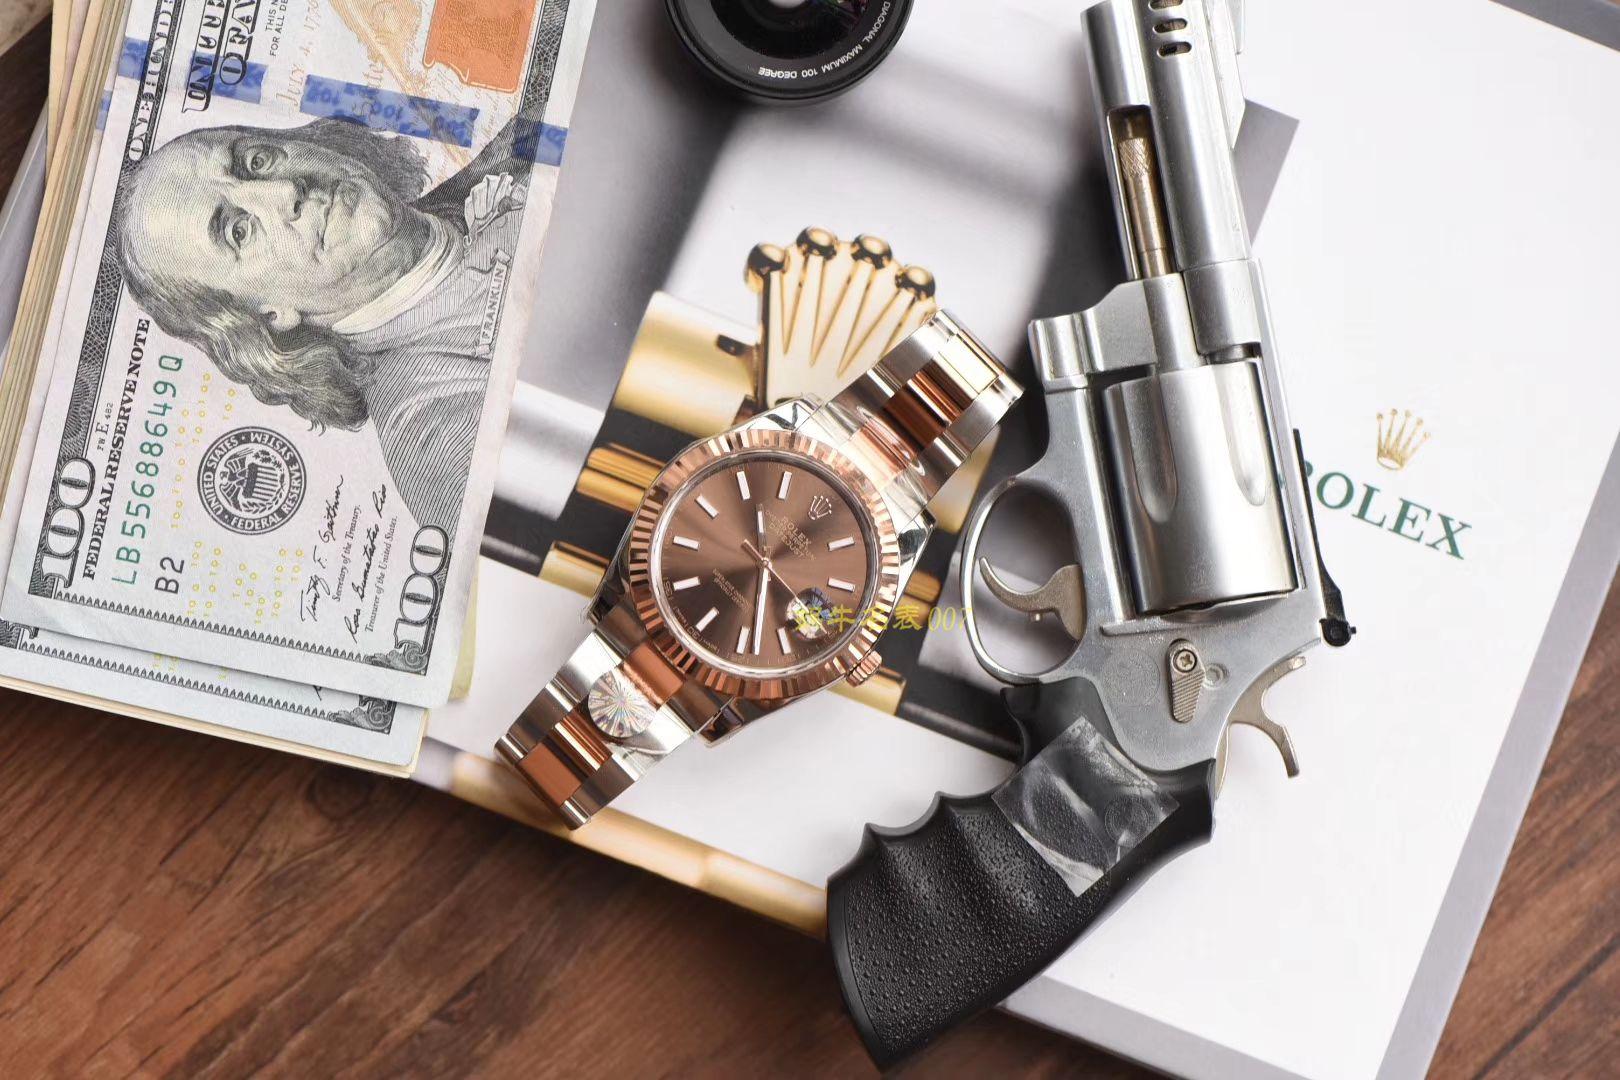 劳力士日志型系列m126331-0001腕表【AR一比一超A高仿手表】 / R292